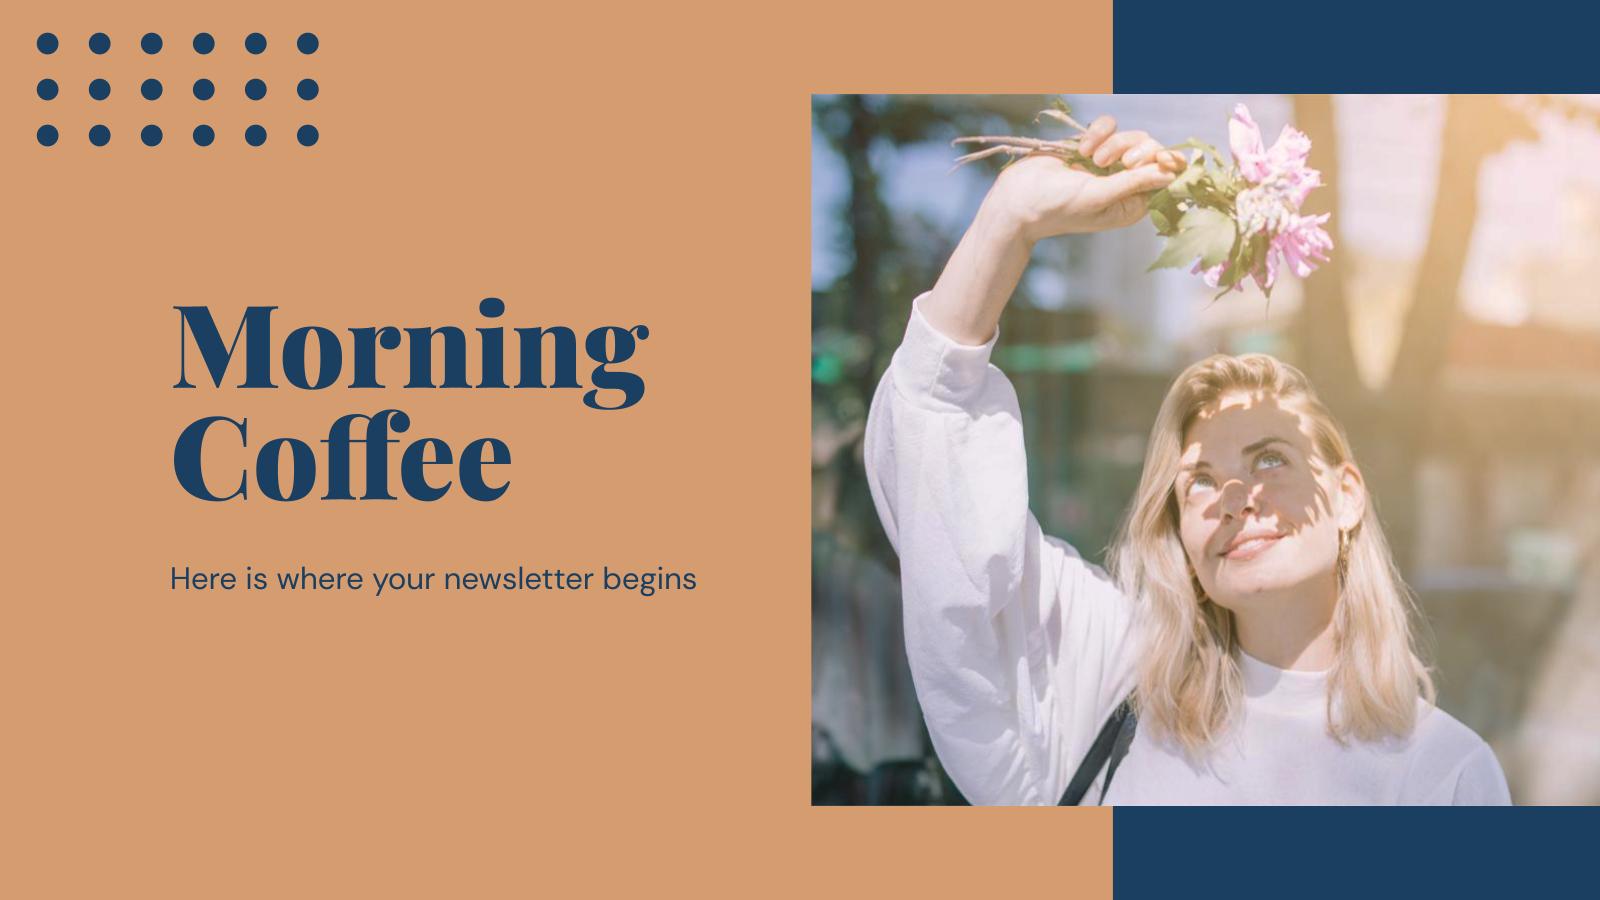 Plantilla de presentación Newsletter para el café mañanero